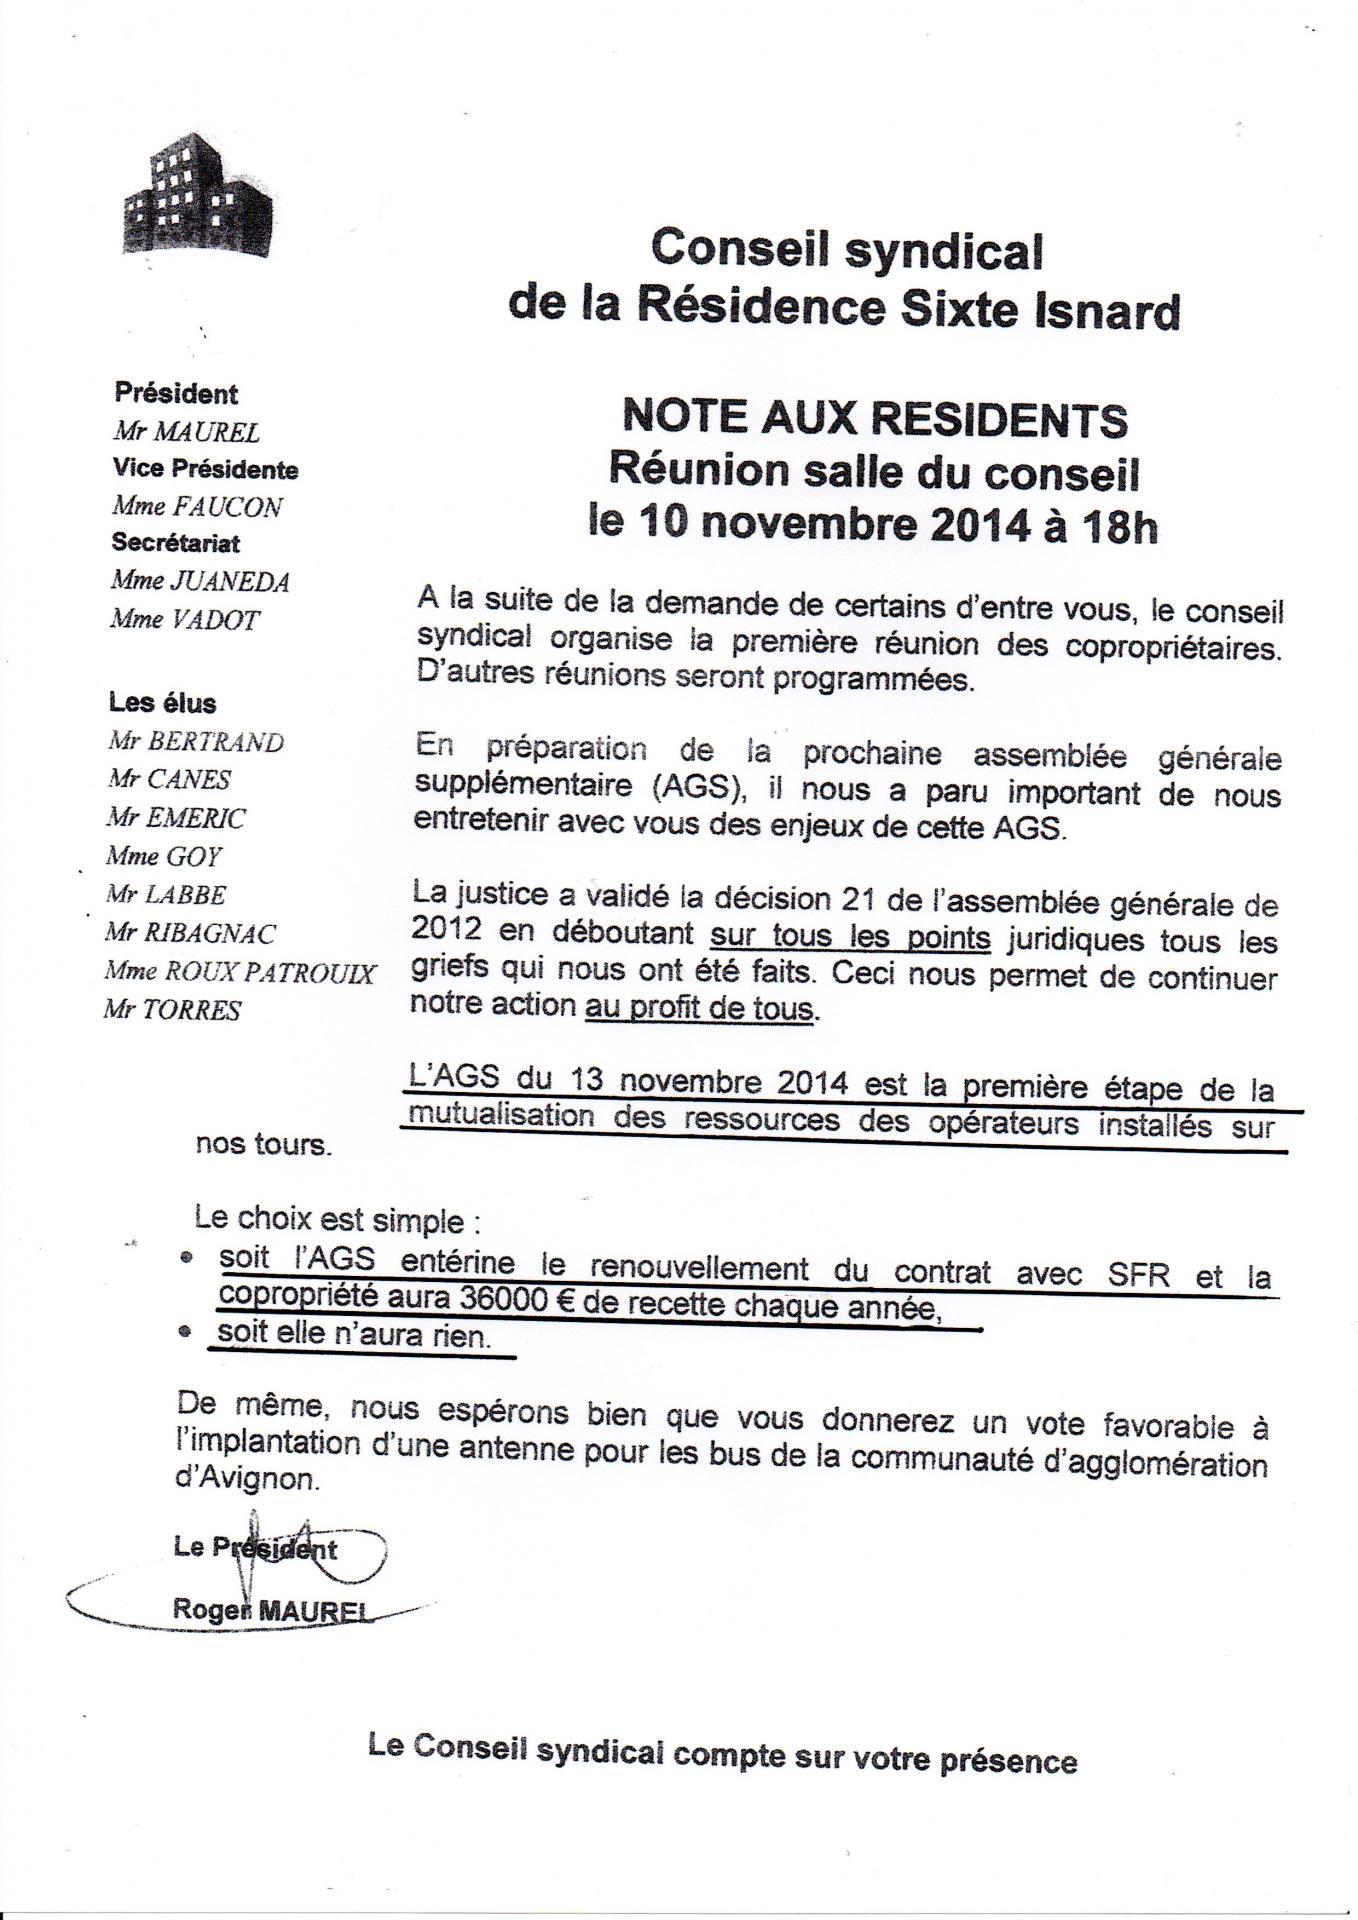 Réunion destinée a faire voter oui au bail SFR 10 11 2014